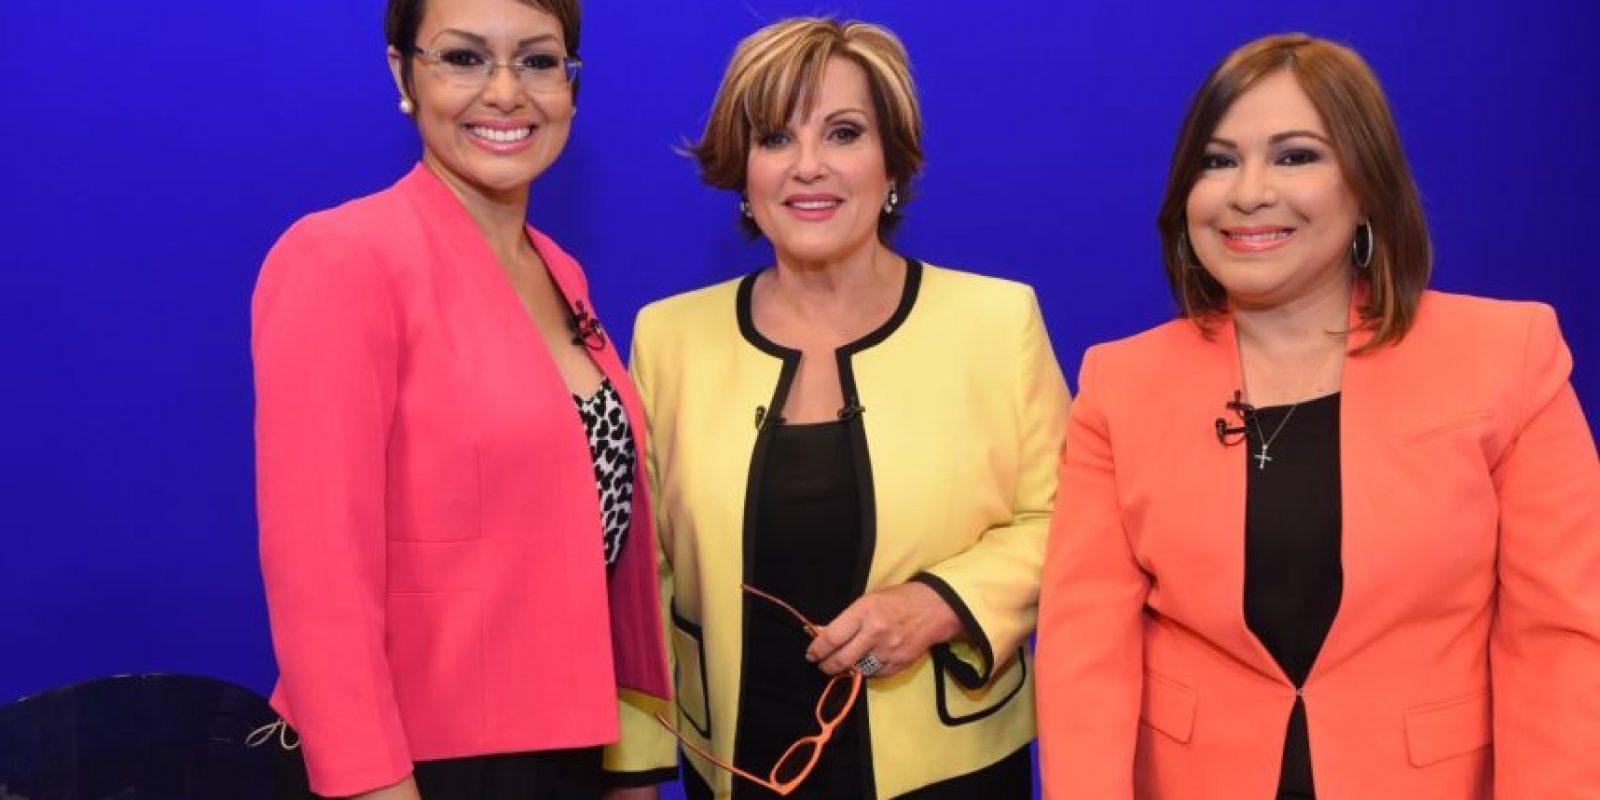 Mardelis Jusino, Carmen Jovet y Aiola Virella moderarán el debate. Foto:Dennis A. Jones/ Metro P.R.. Imagen Por: